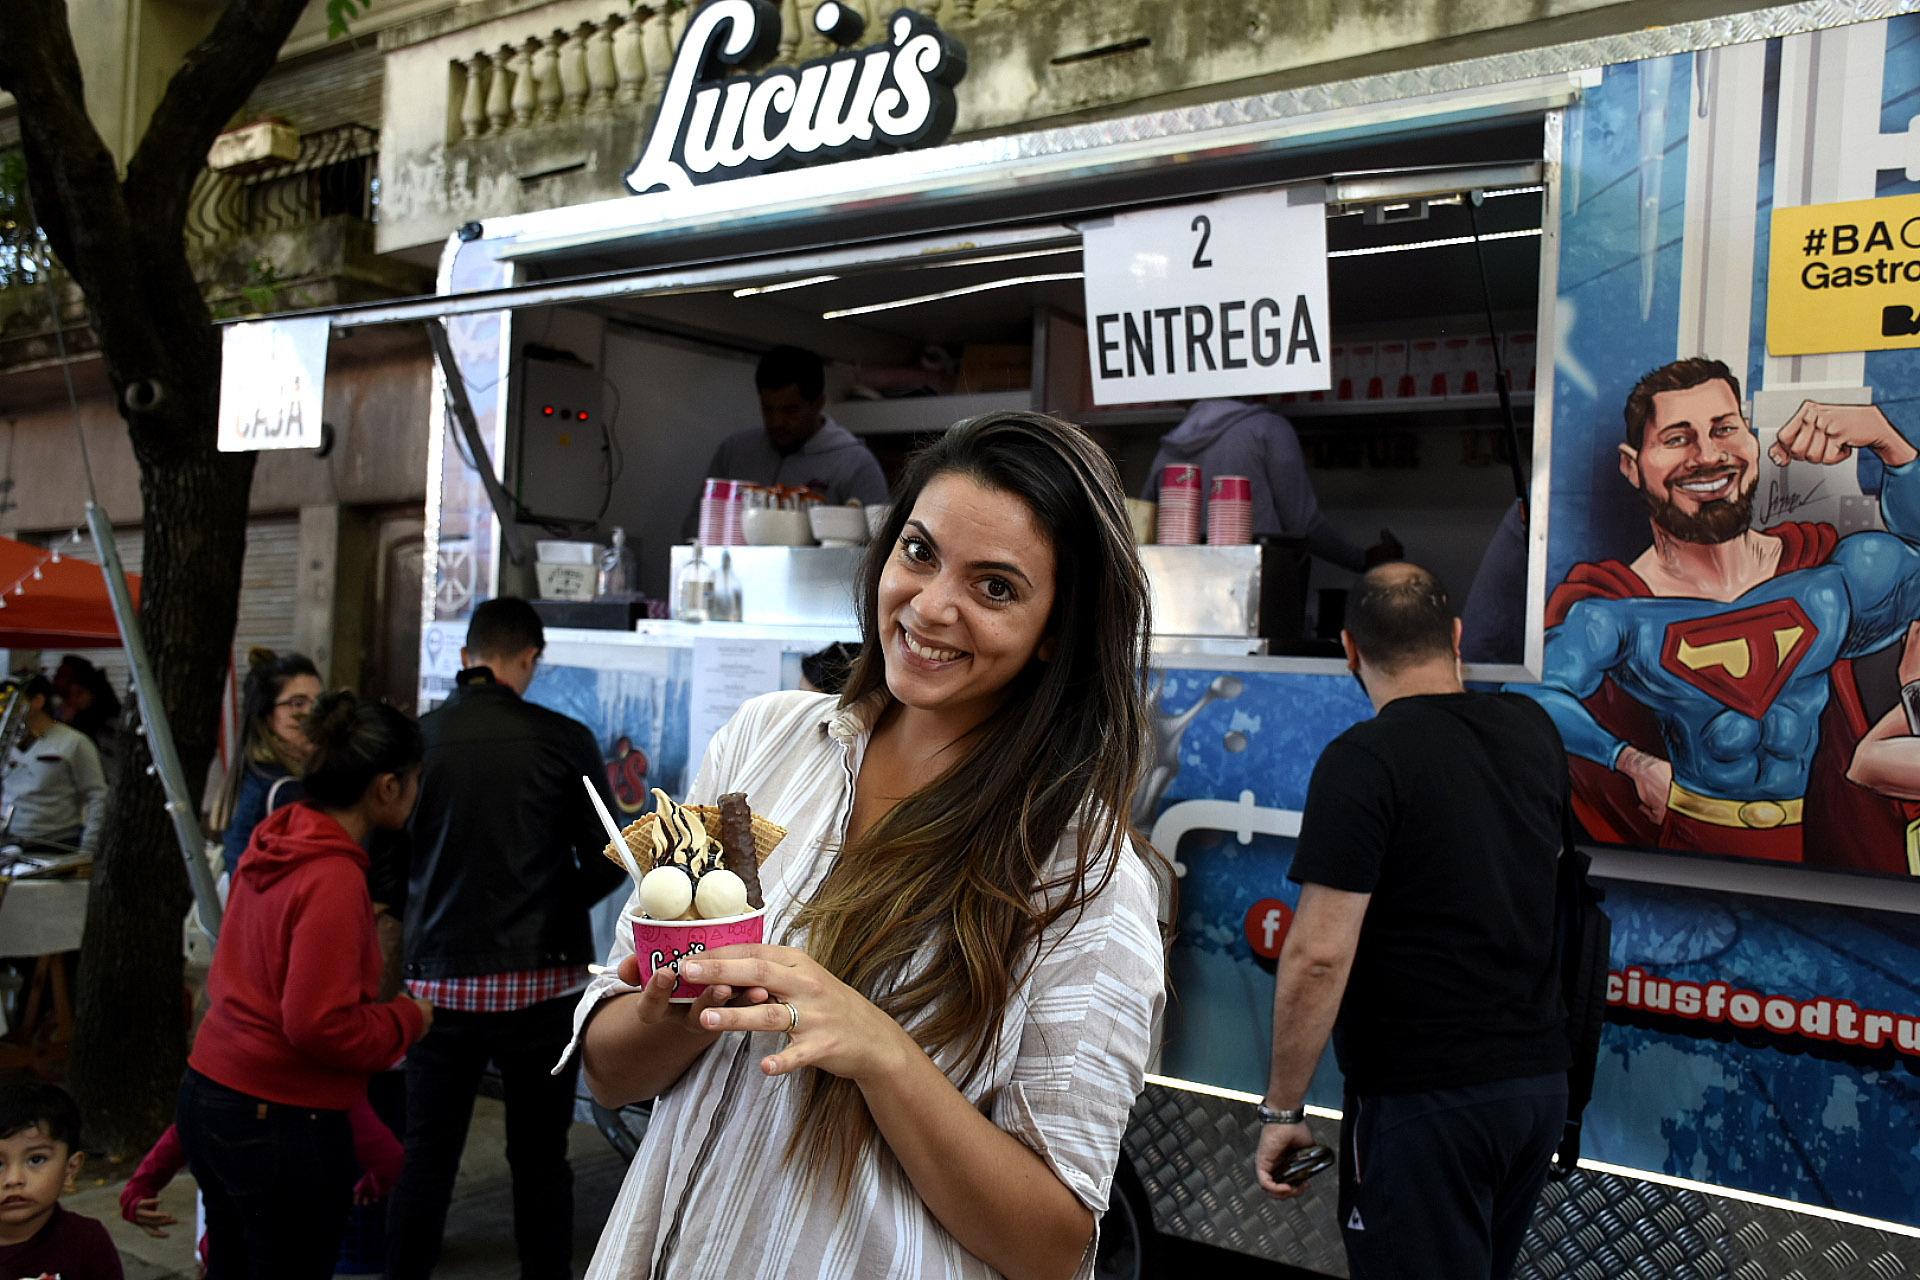 La instagrammer Belu Lucius por primera vez participó junto a su food truck Luciu's de yogur helado con sabores nuevos (8 opciones) con galletitas, chocolate, dulce de leche, y también una propuesta fit más saludable con barritas de cereal. Una opción ideal para la merienda o el postre